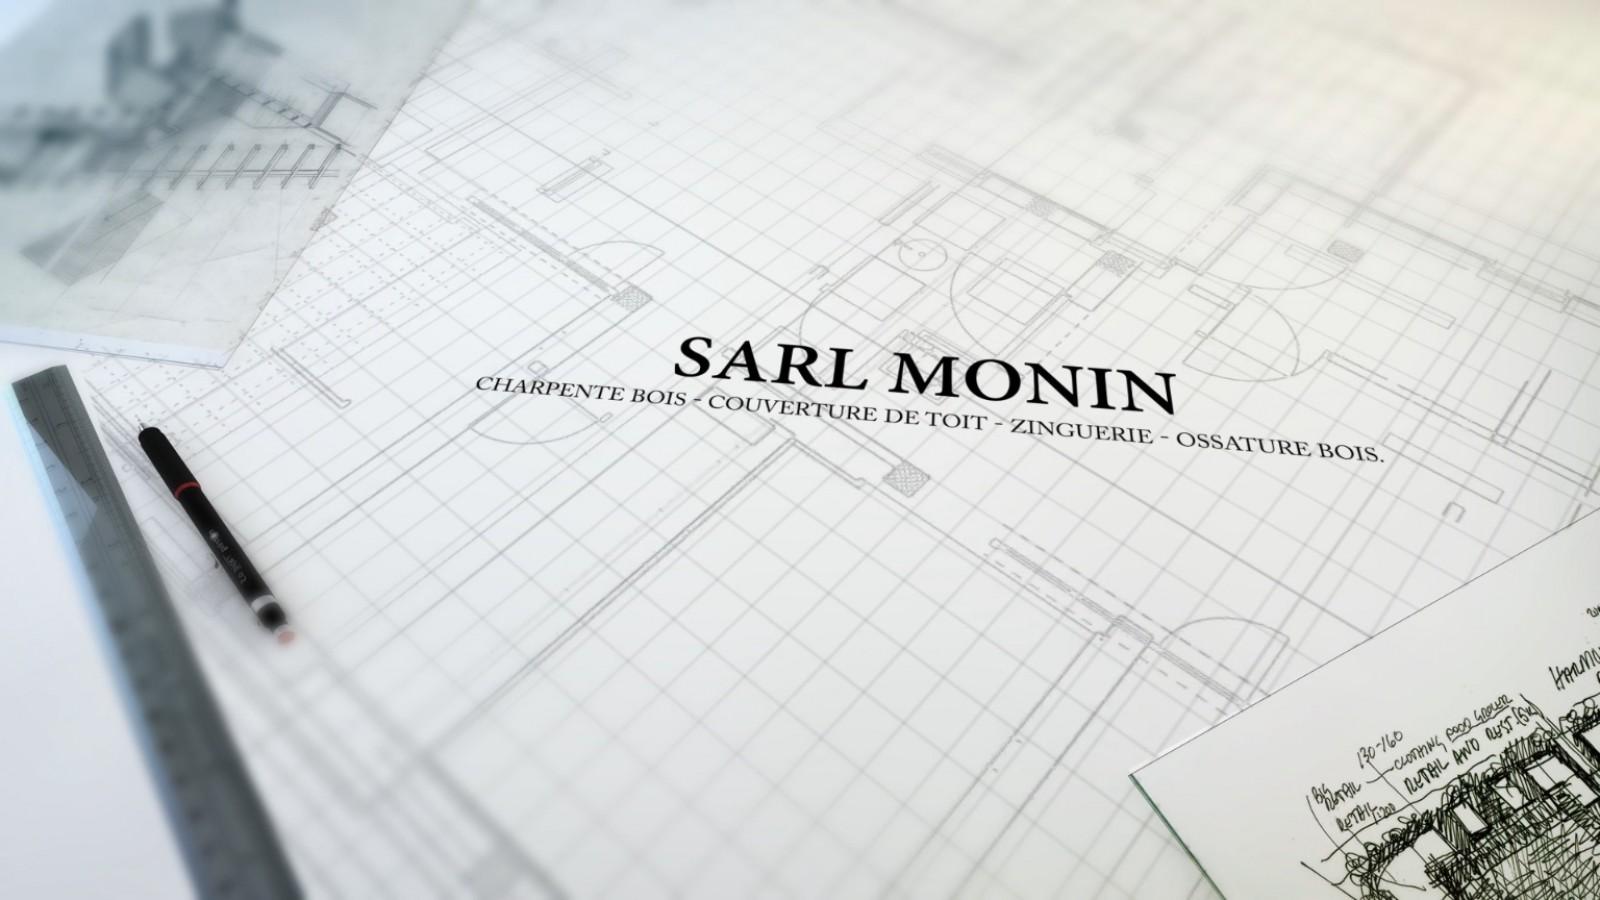 Sarl Monin